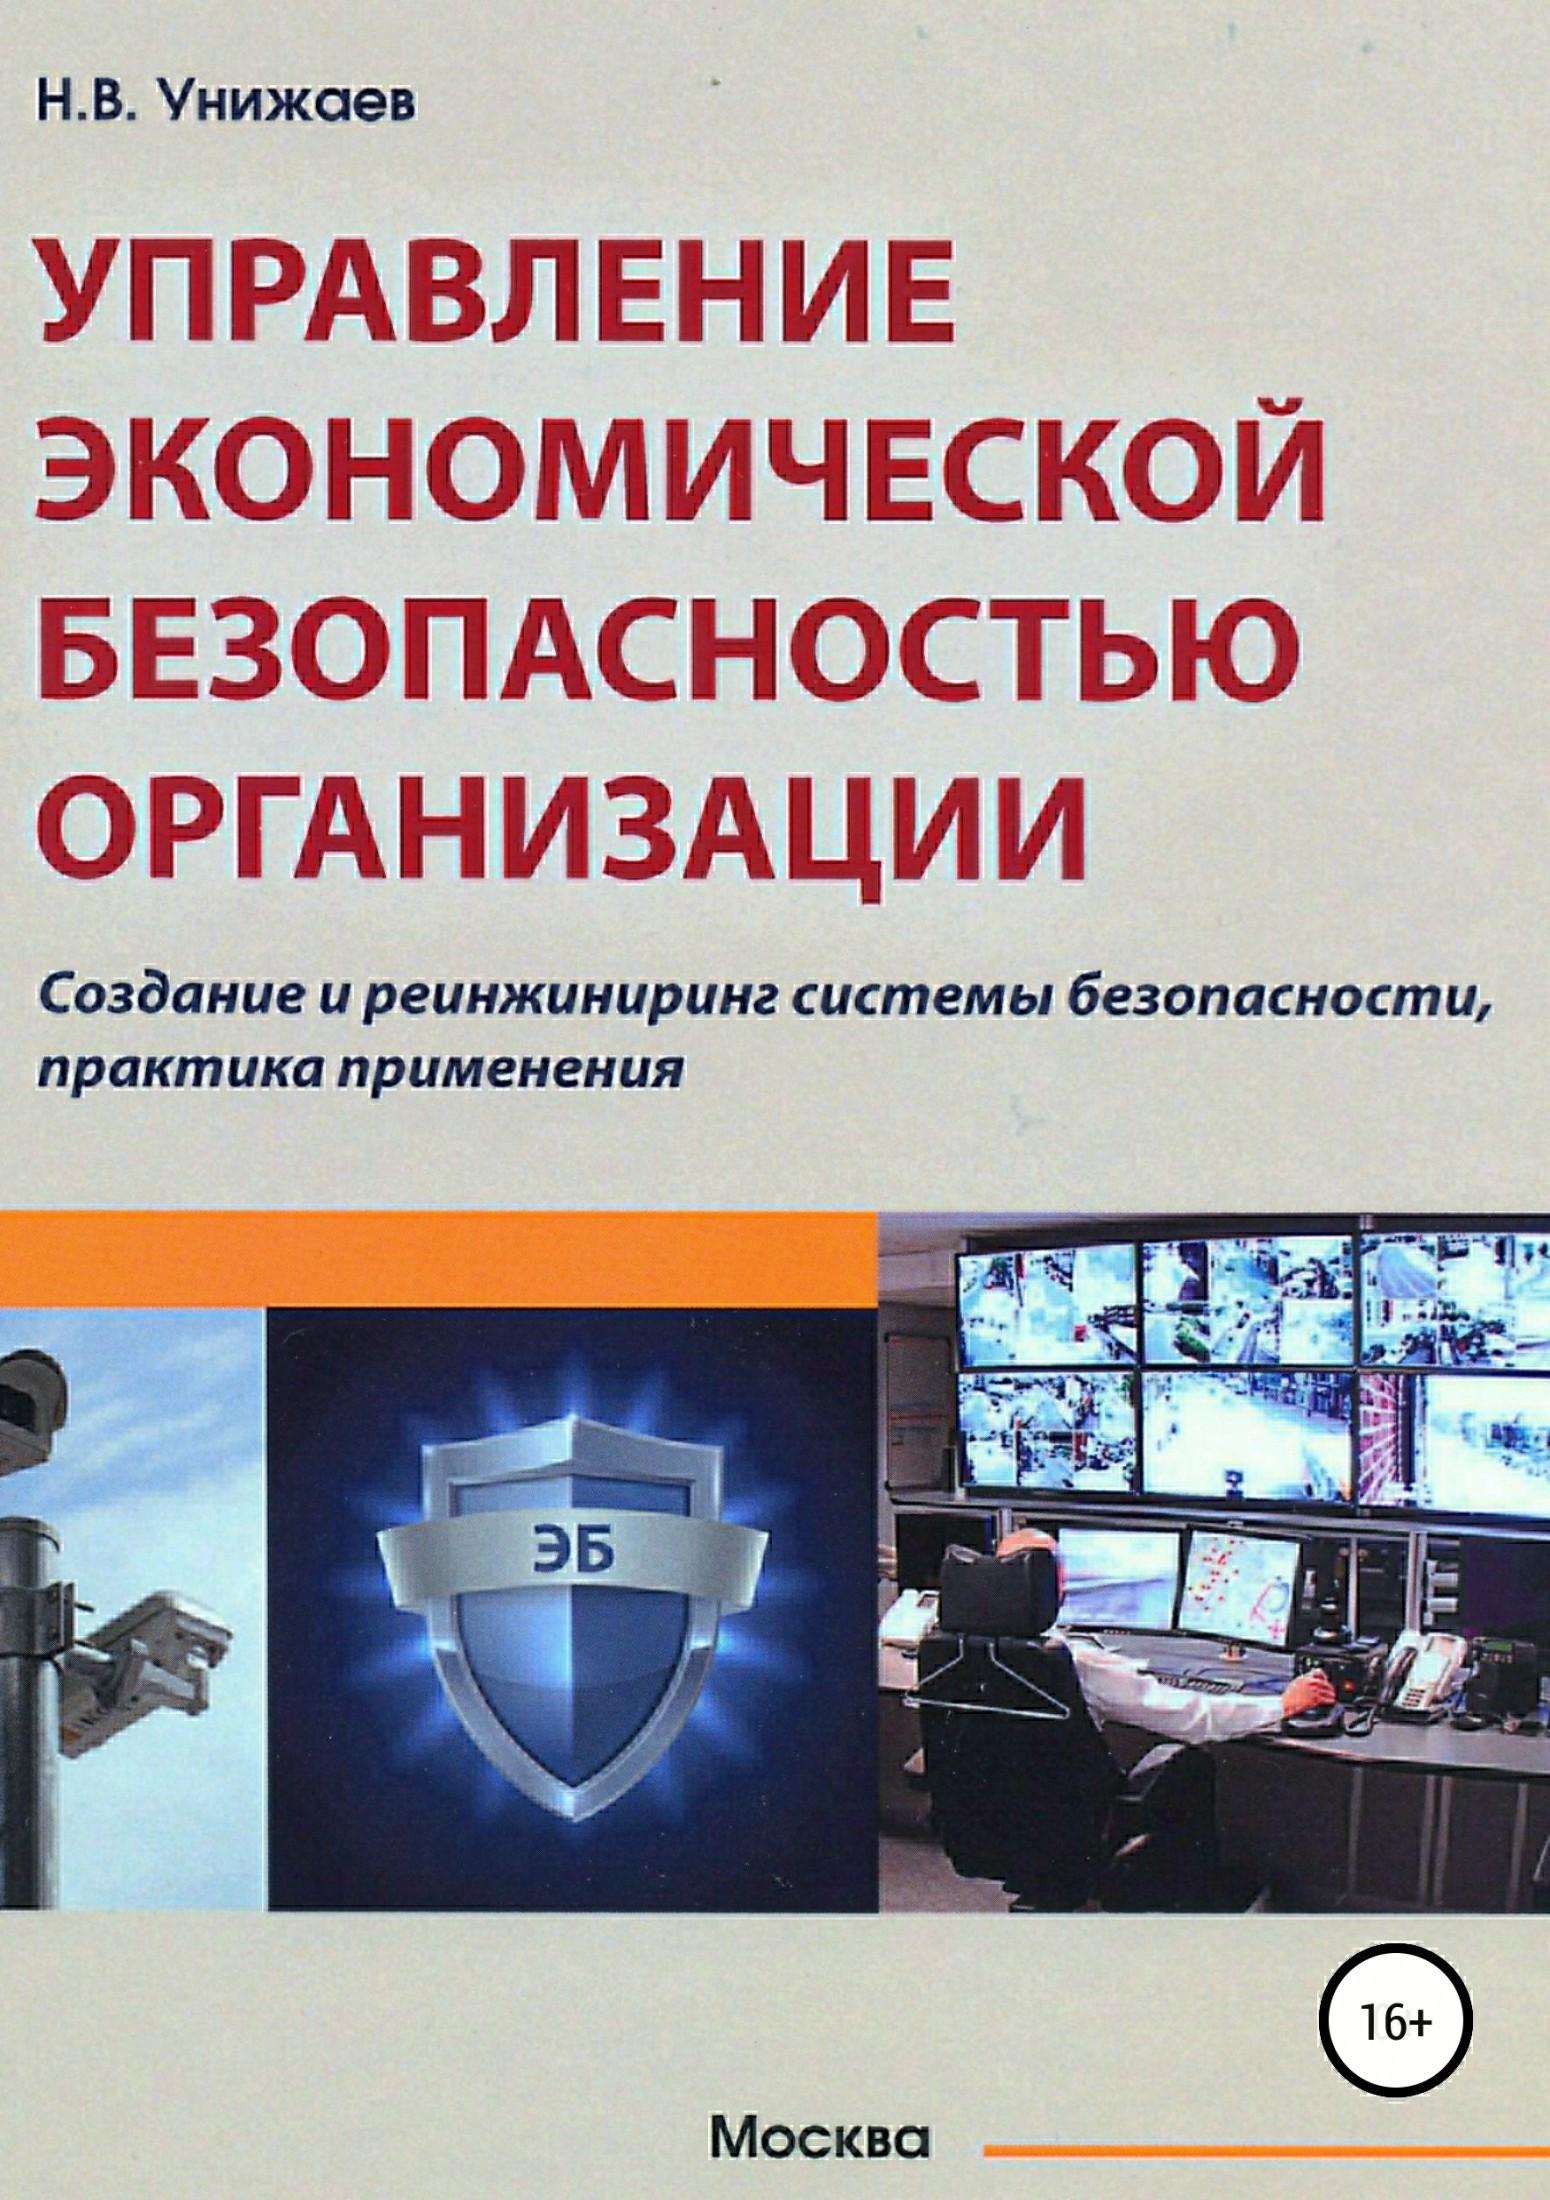 Обложка книги. Автор - Николай Унижаев